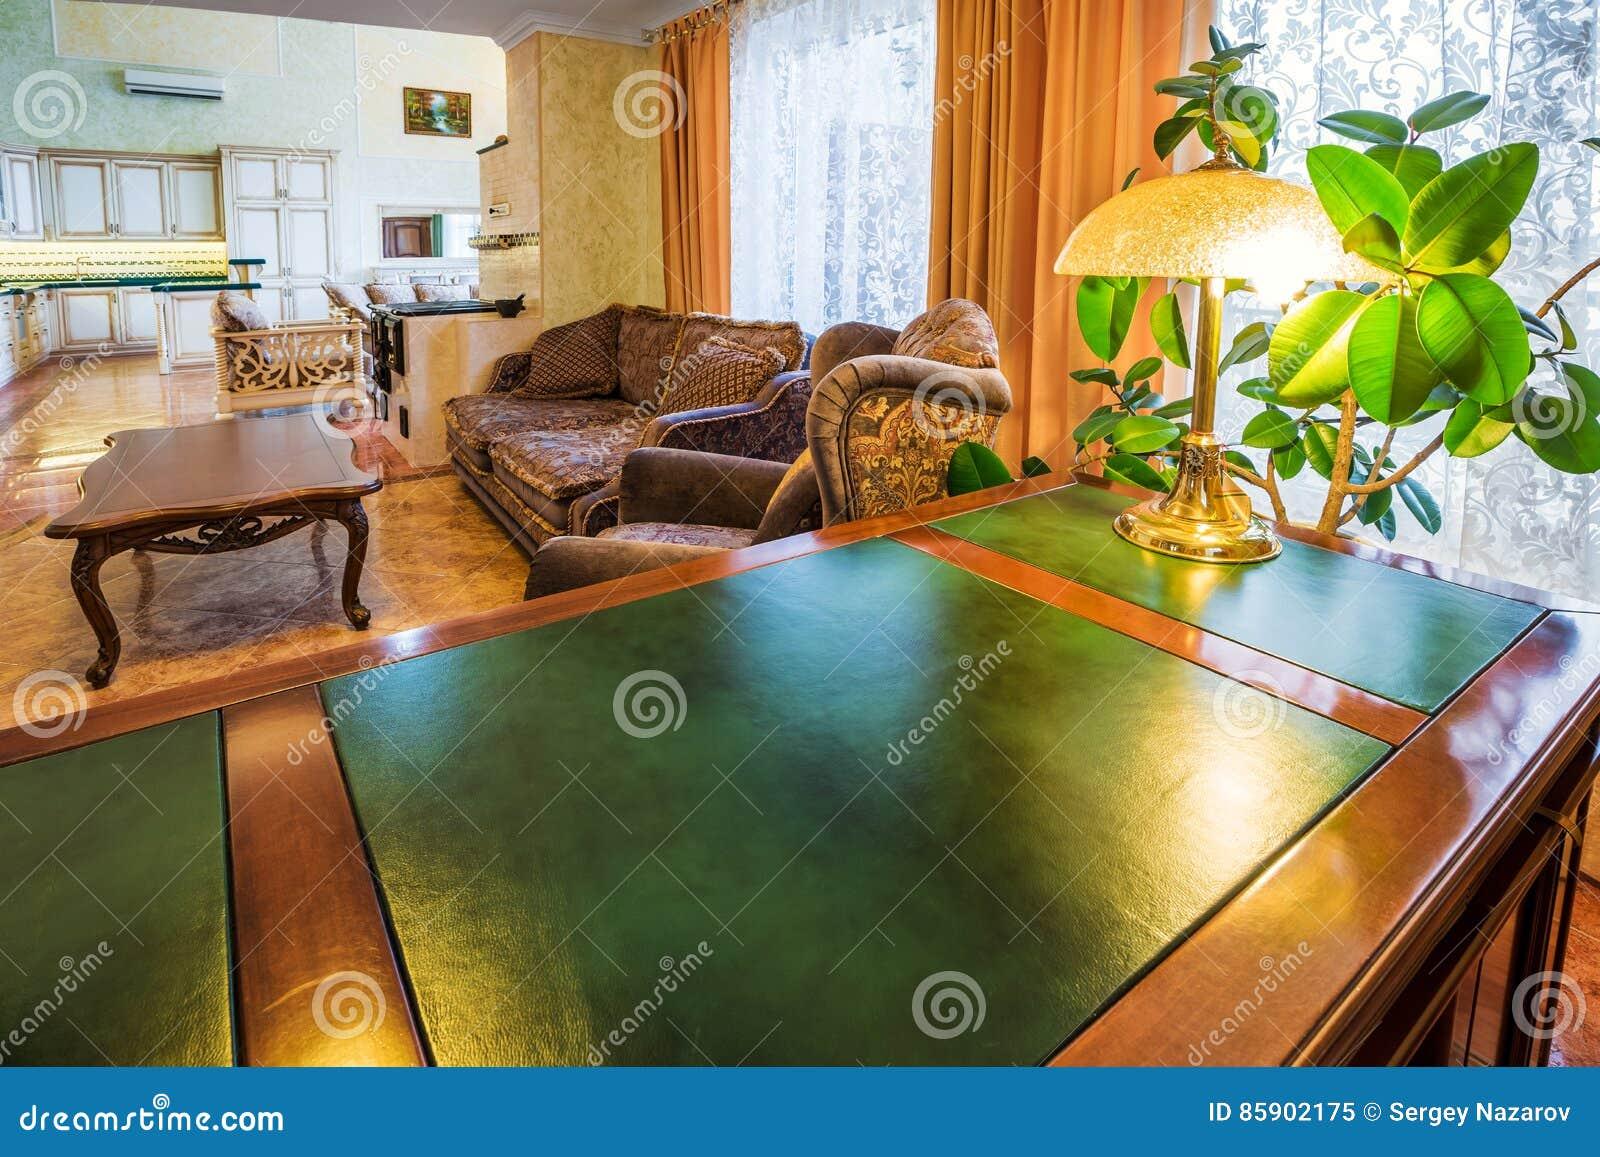 Bureau De Luxe En Bois : Intérieur de luxe de siège social avec le bureau et le bois verts